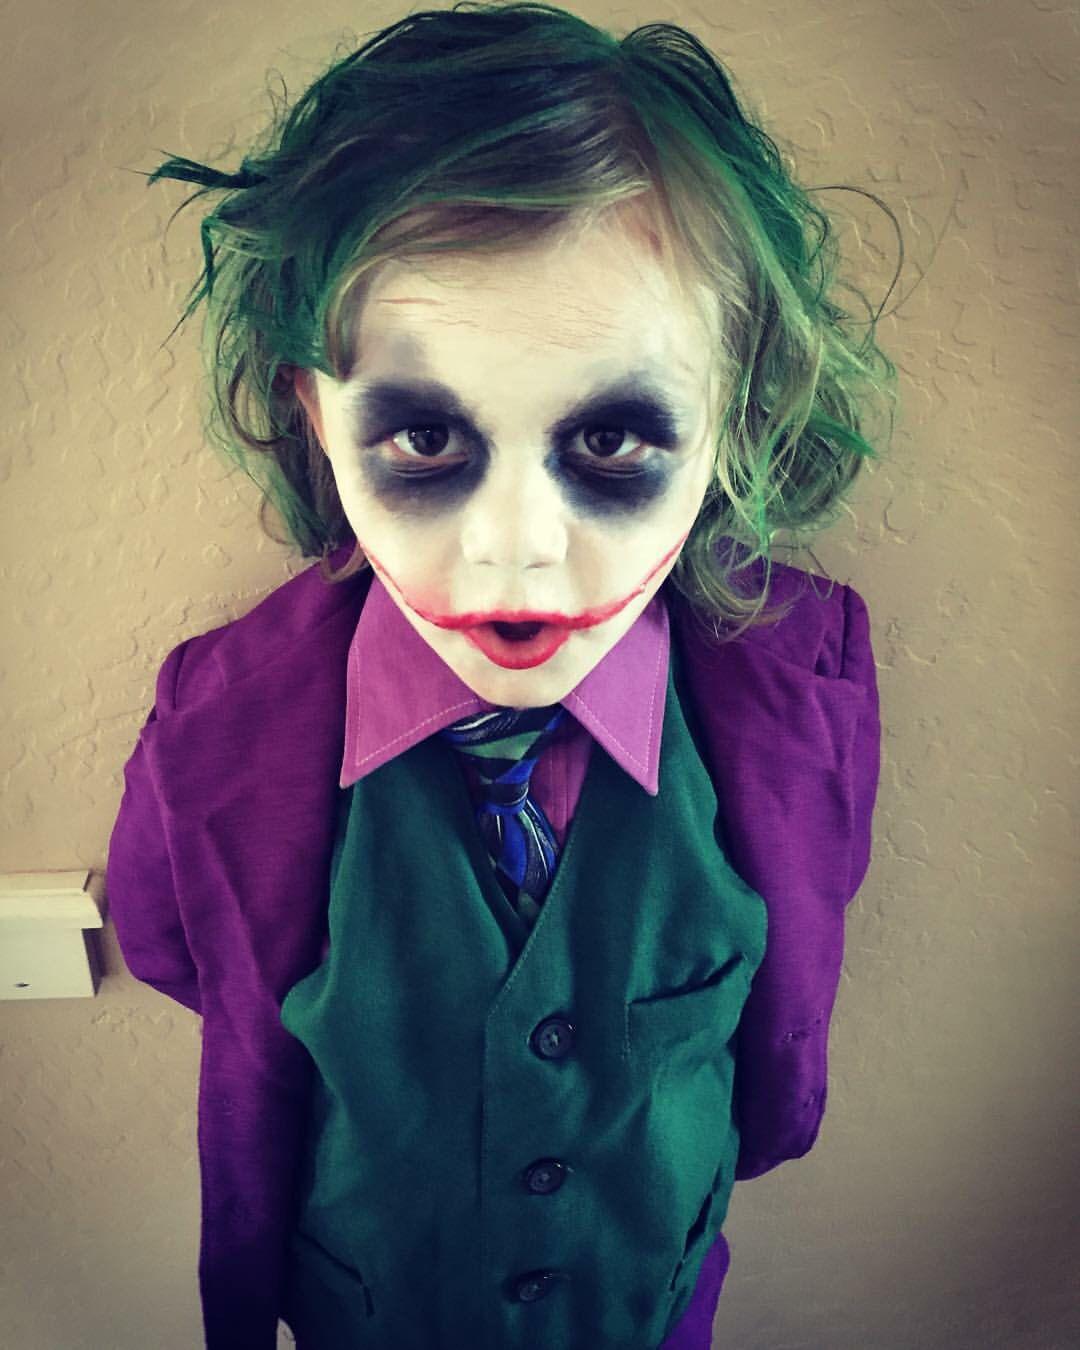 Trucco Joker Halloween per bambini: com'è possibile realizzarlo